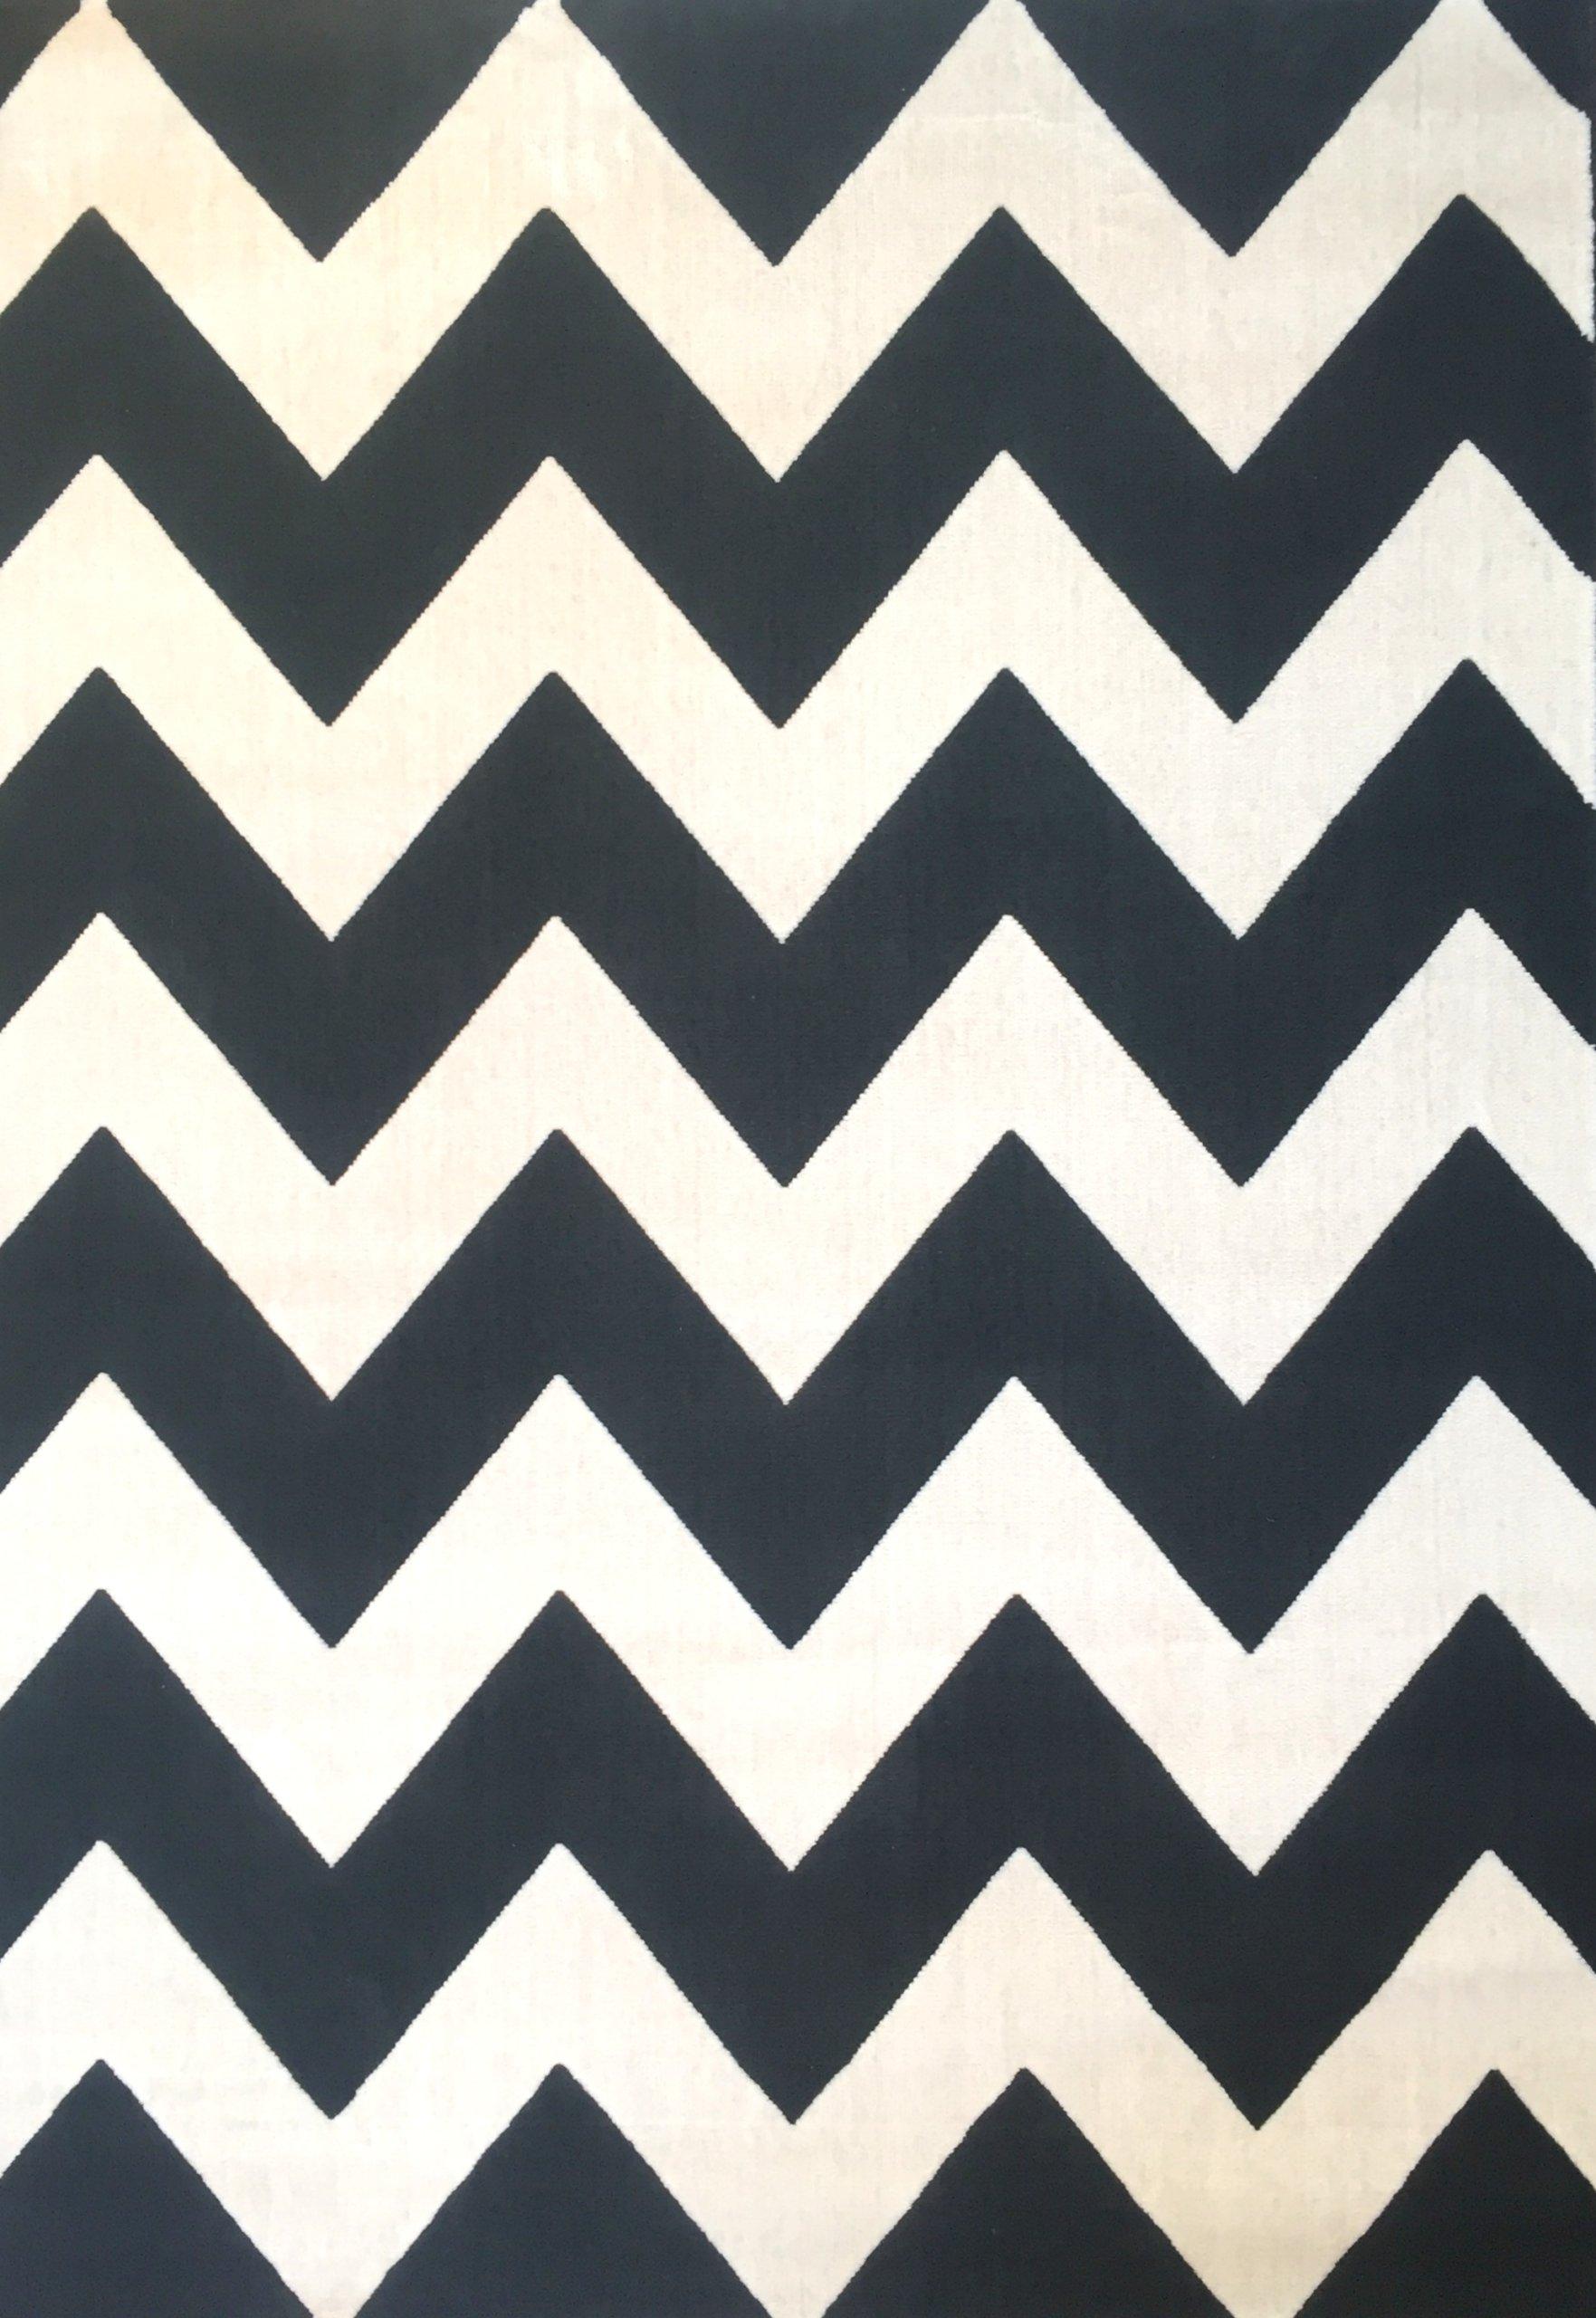 Dywan canvas 160x230 zygzak biało czarny skandi 7426903530 oficjalne archiwum allegro